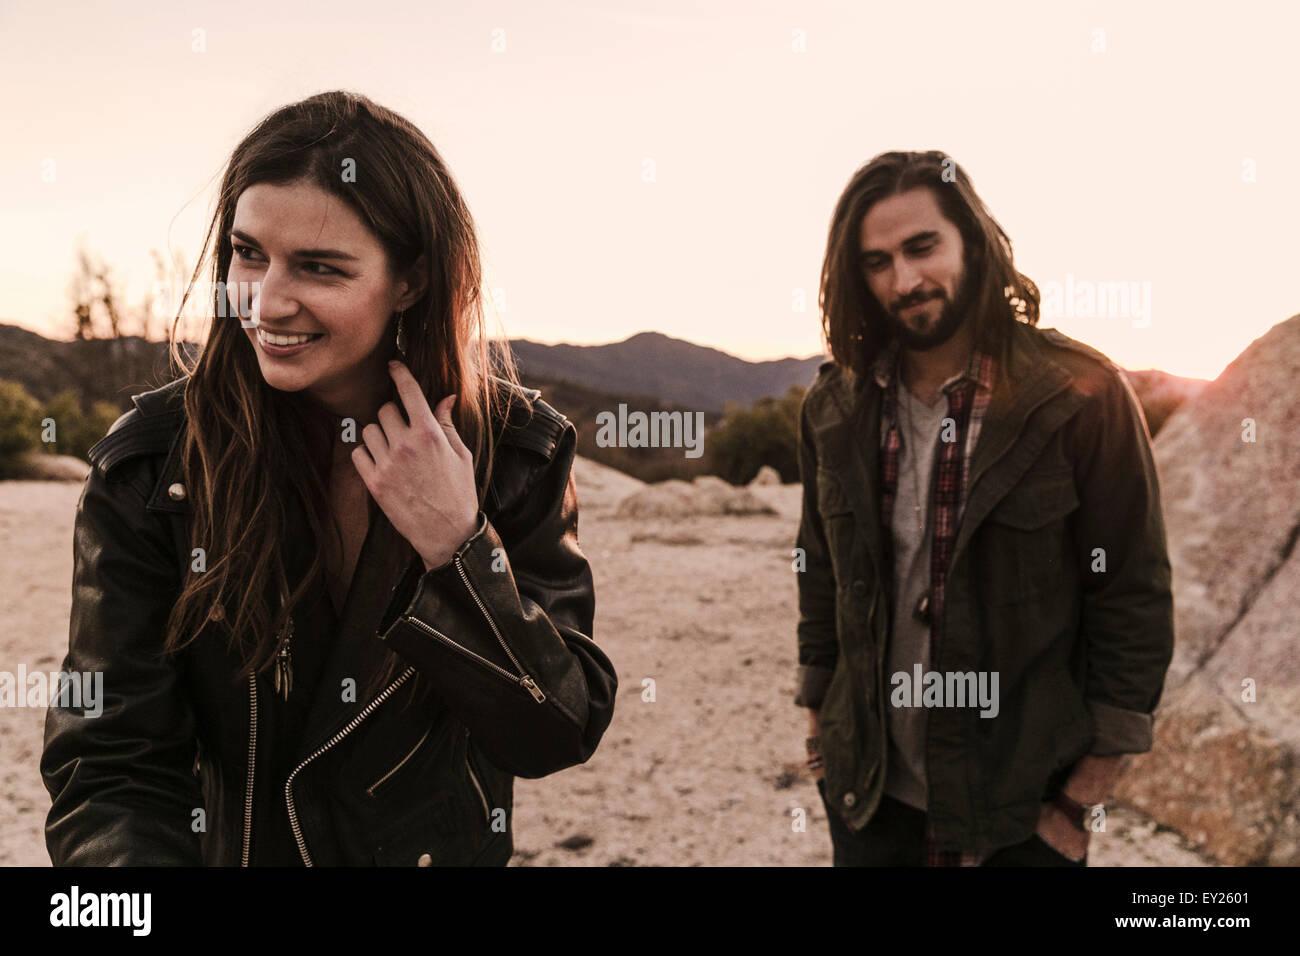 Junges Paar auf Roadtrip in die Wüste, Los Angeles, Kalifornien, USA Stockbild